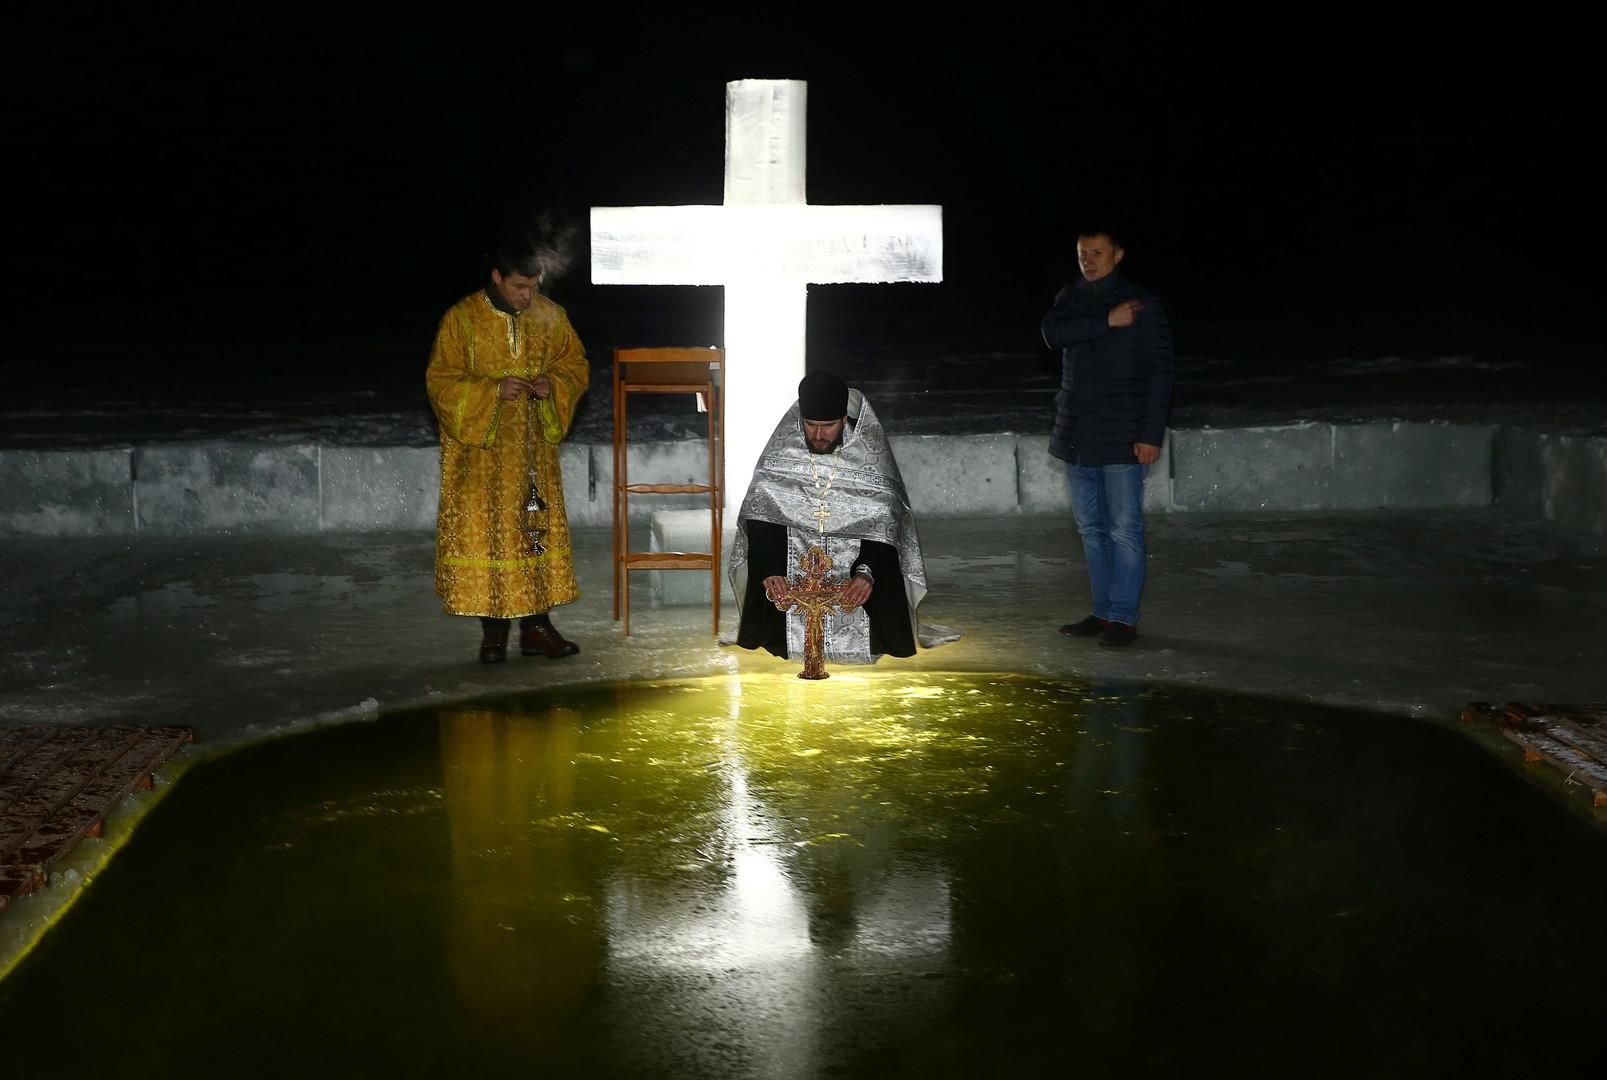 Крещенские купания: как в России отмечают один из главных православных праздников